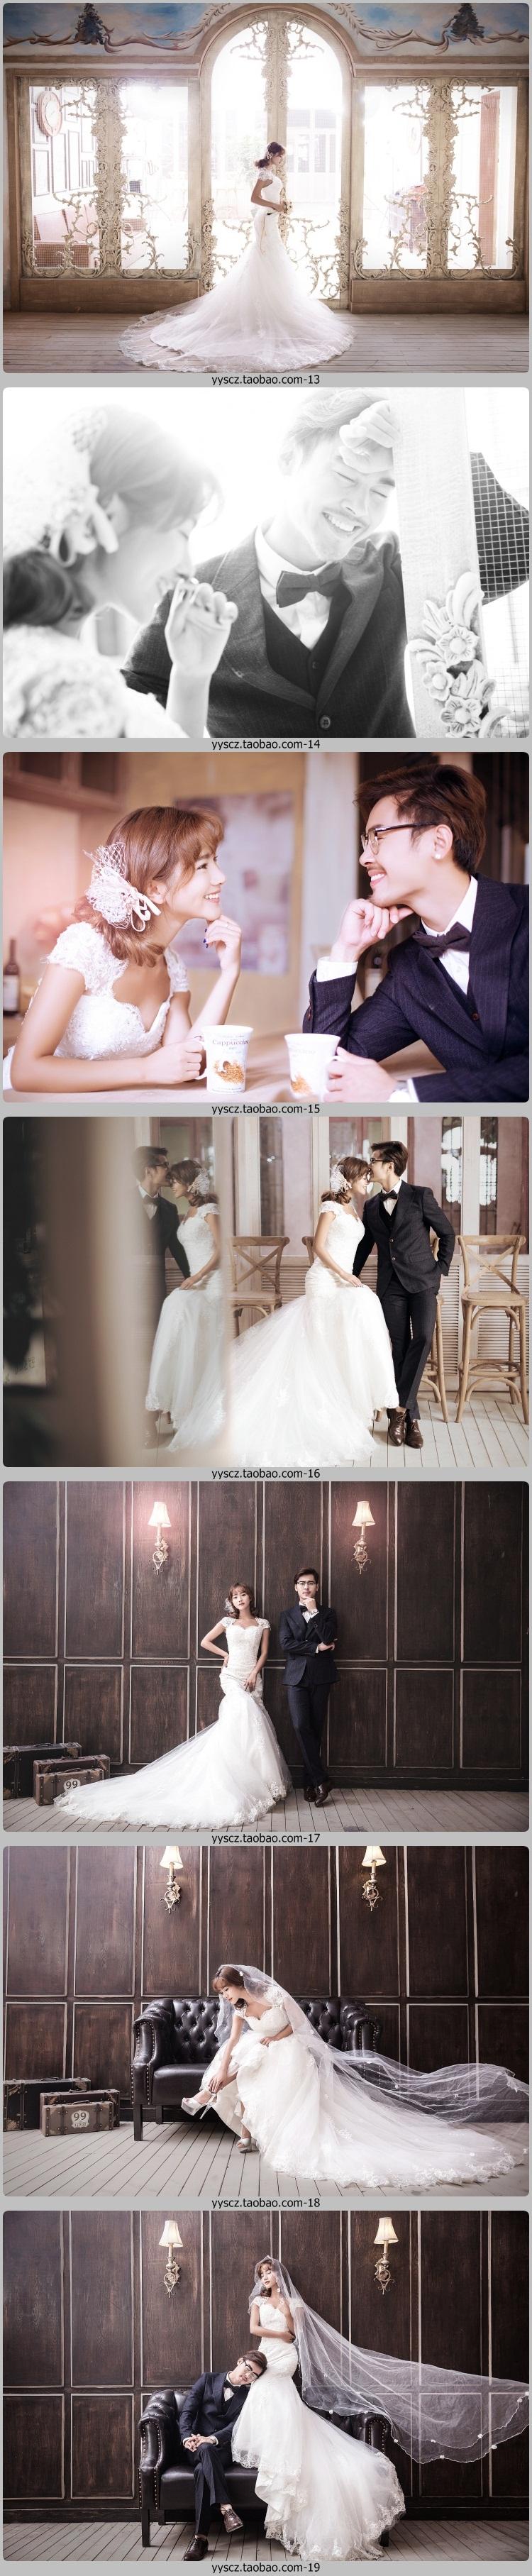 展会婚纱影楼摄影情侣写真放大样片韩式內景实景背景拍摄样照素材